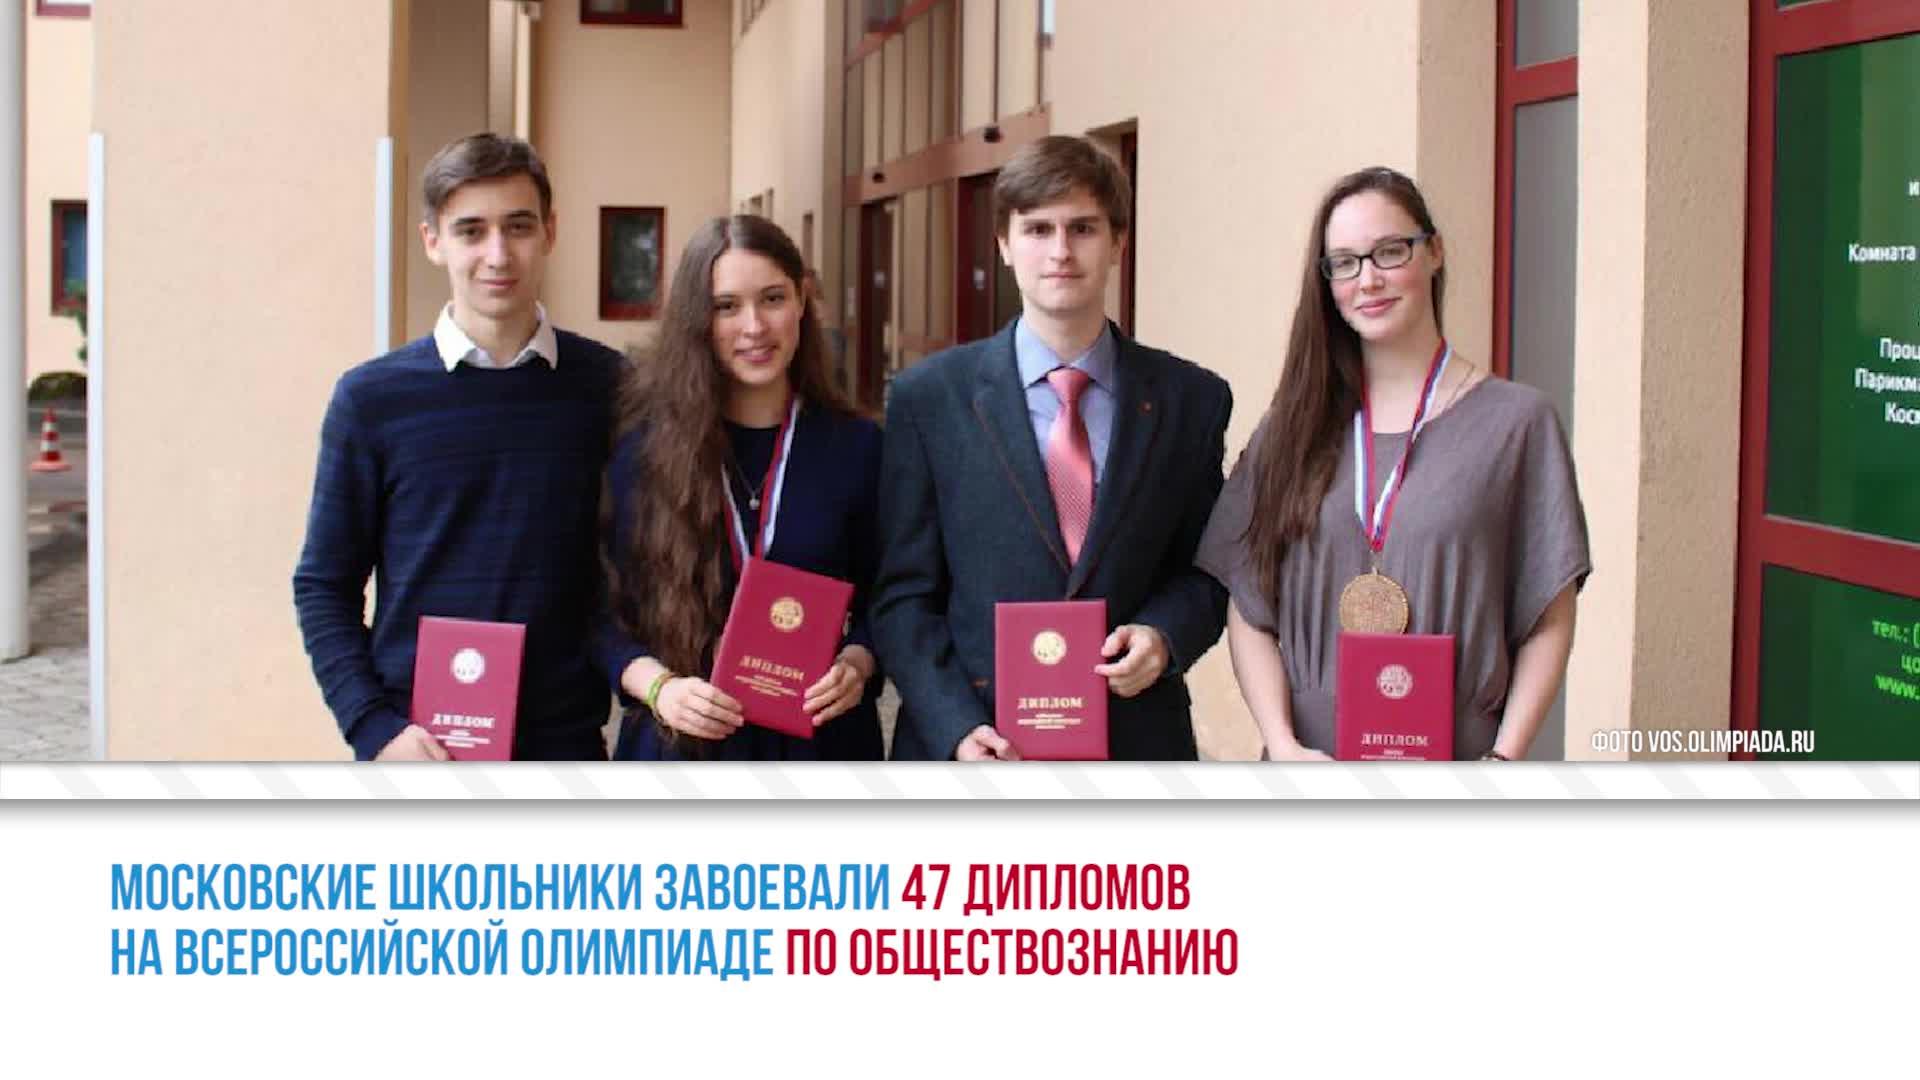 Всероссийская олимпиада школьников по обществознанию